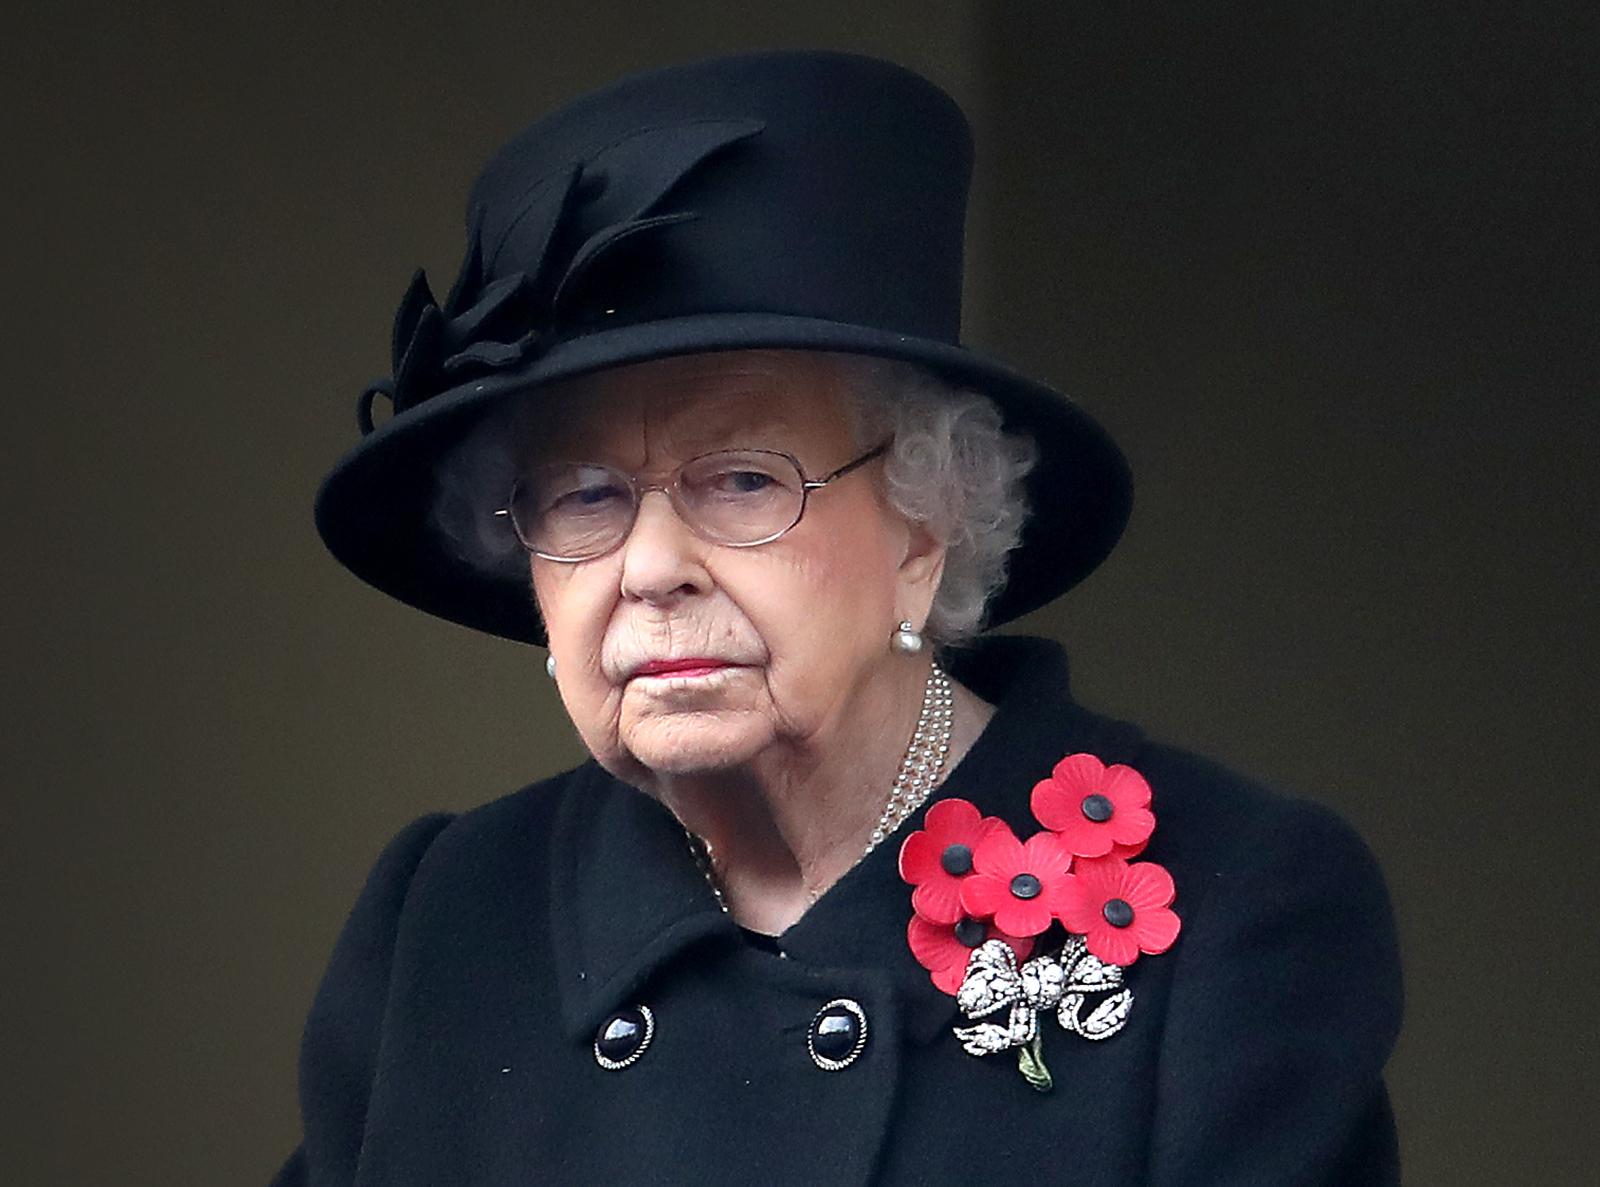 Nữ hoàng Anh Elizabeth II đã được tiêm phòng COVID-19. Ảnh: CNN